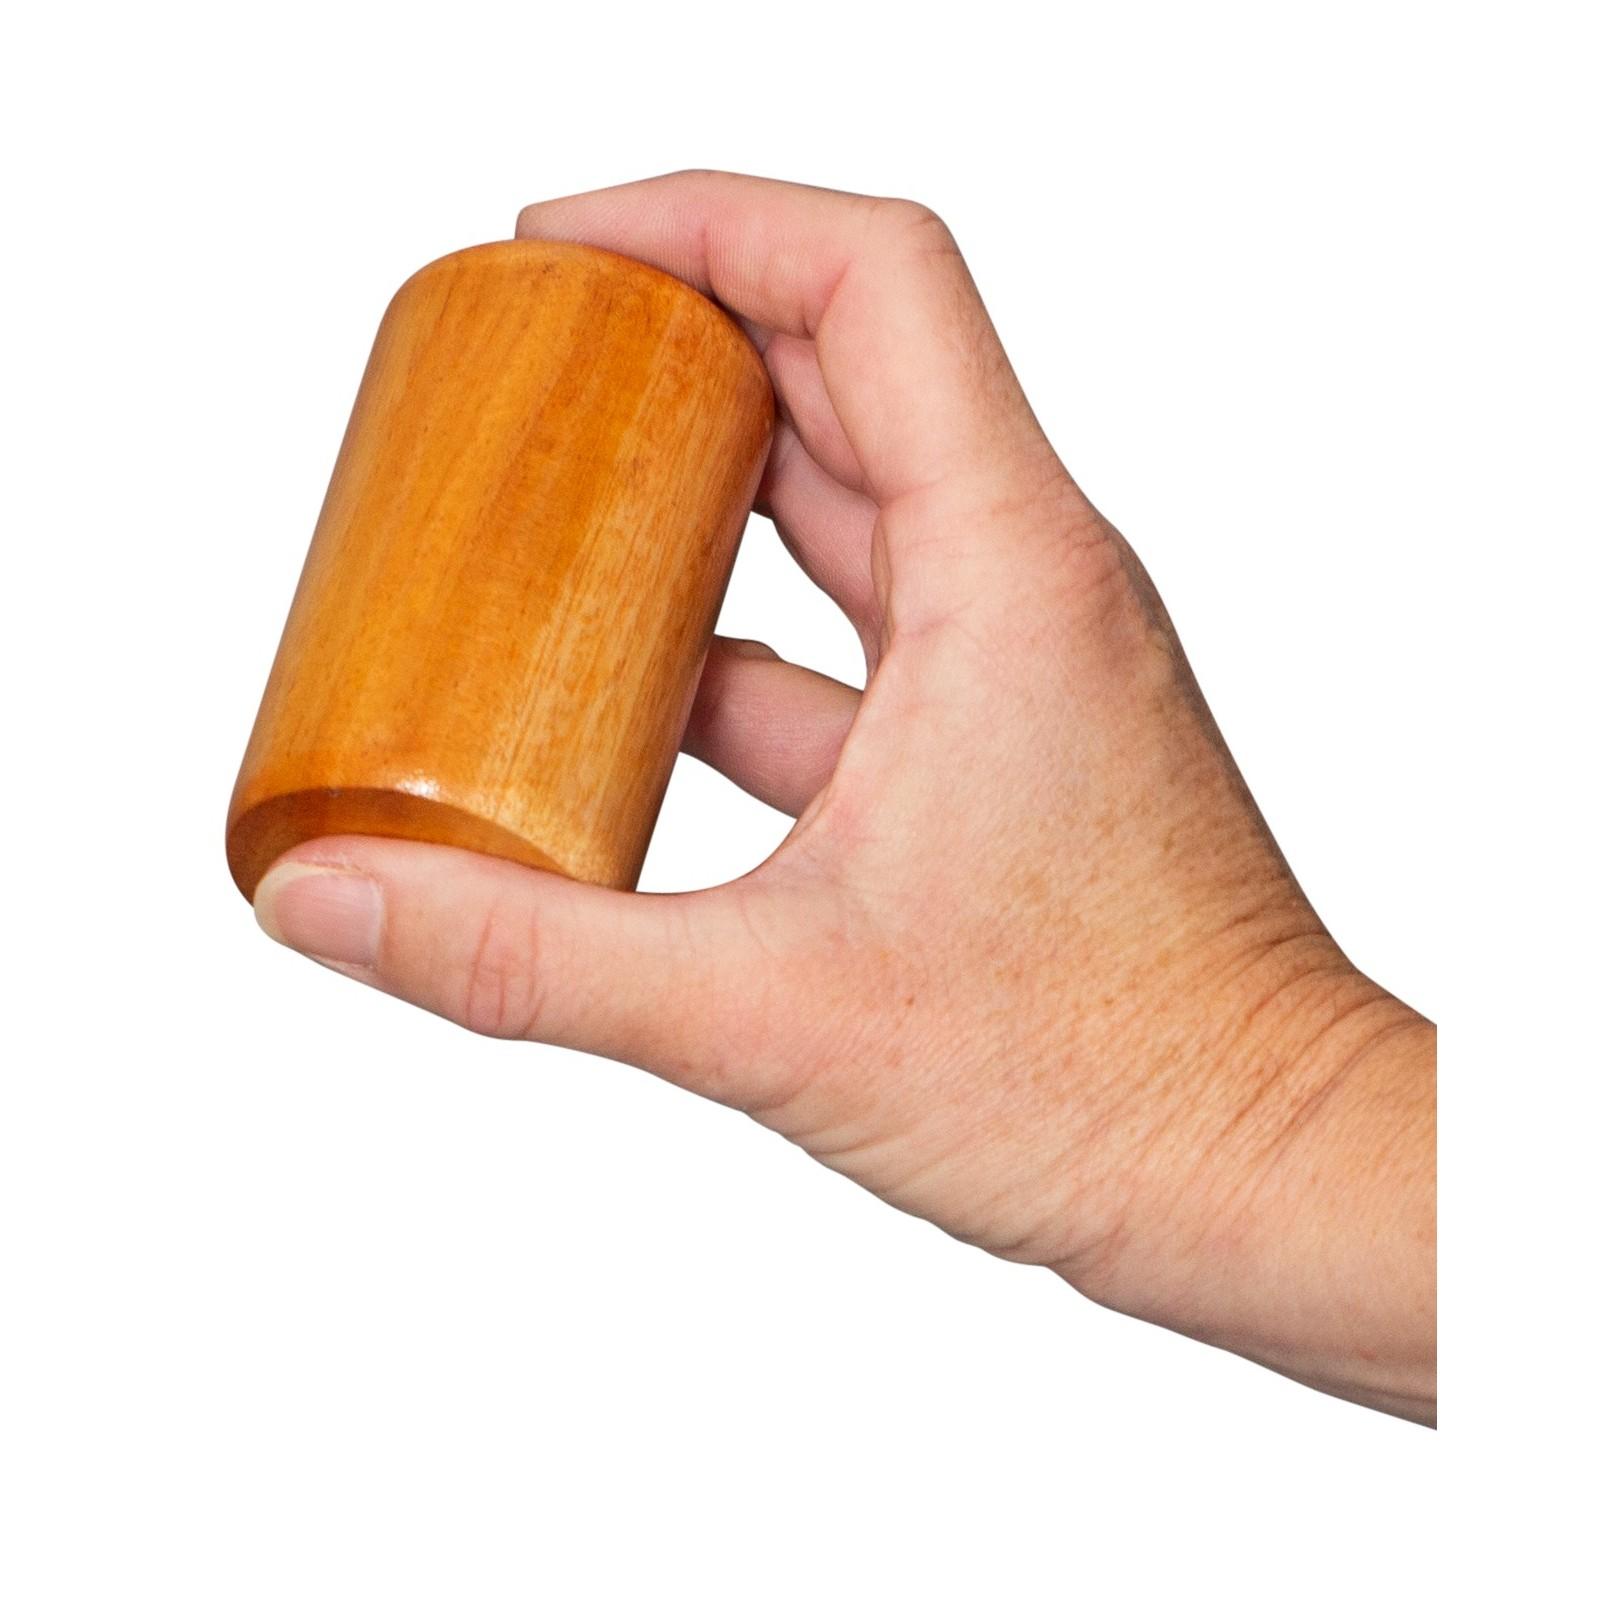 Mahogany Shaker Set - Hand Percussion - Musikinstrument für Kinder - leicht - 7,5cm